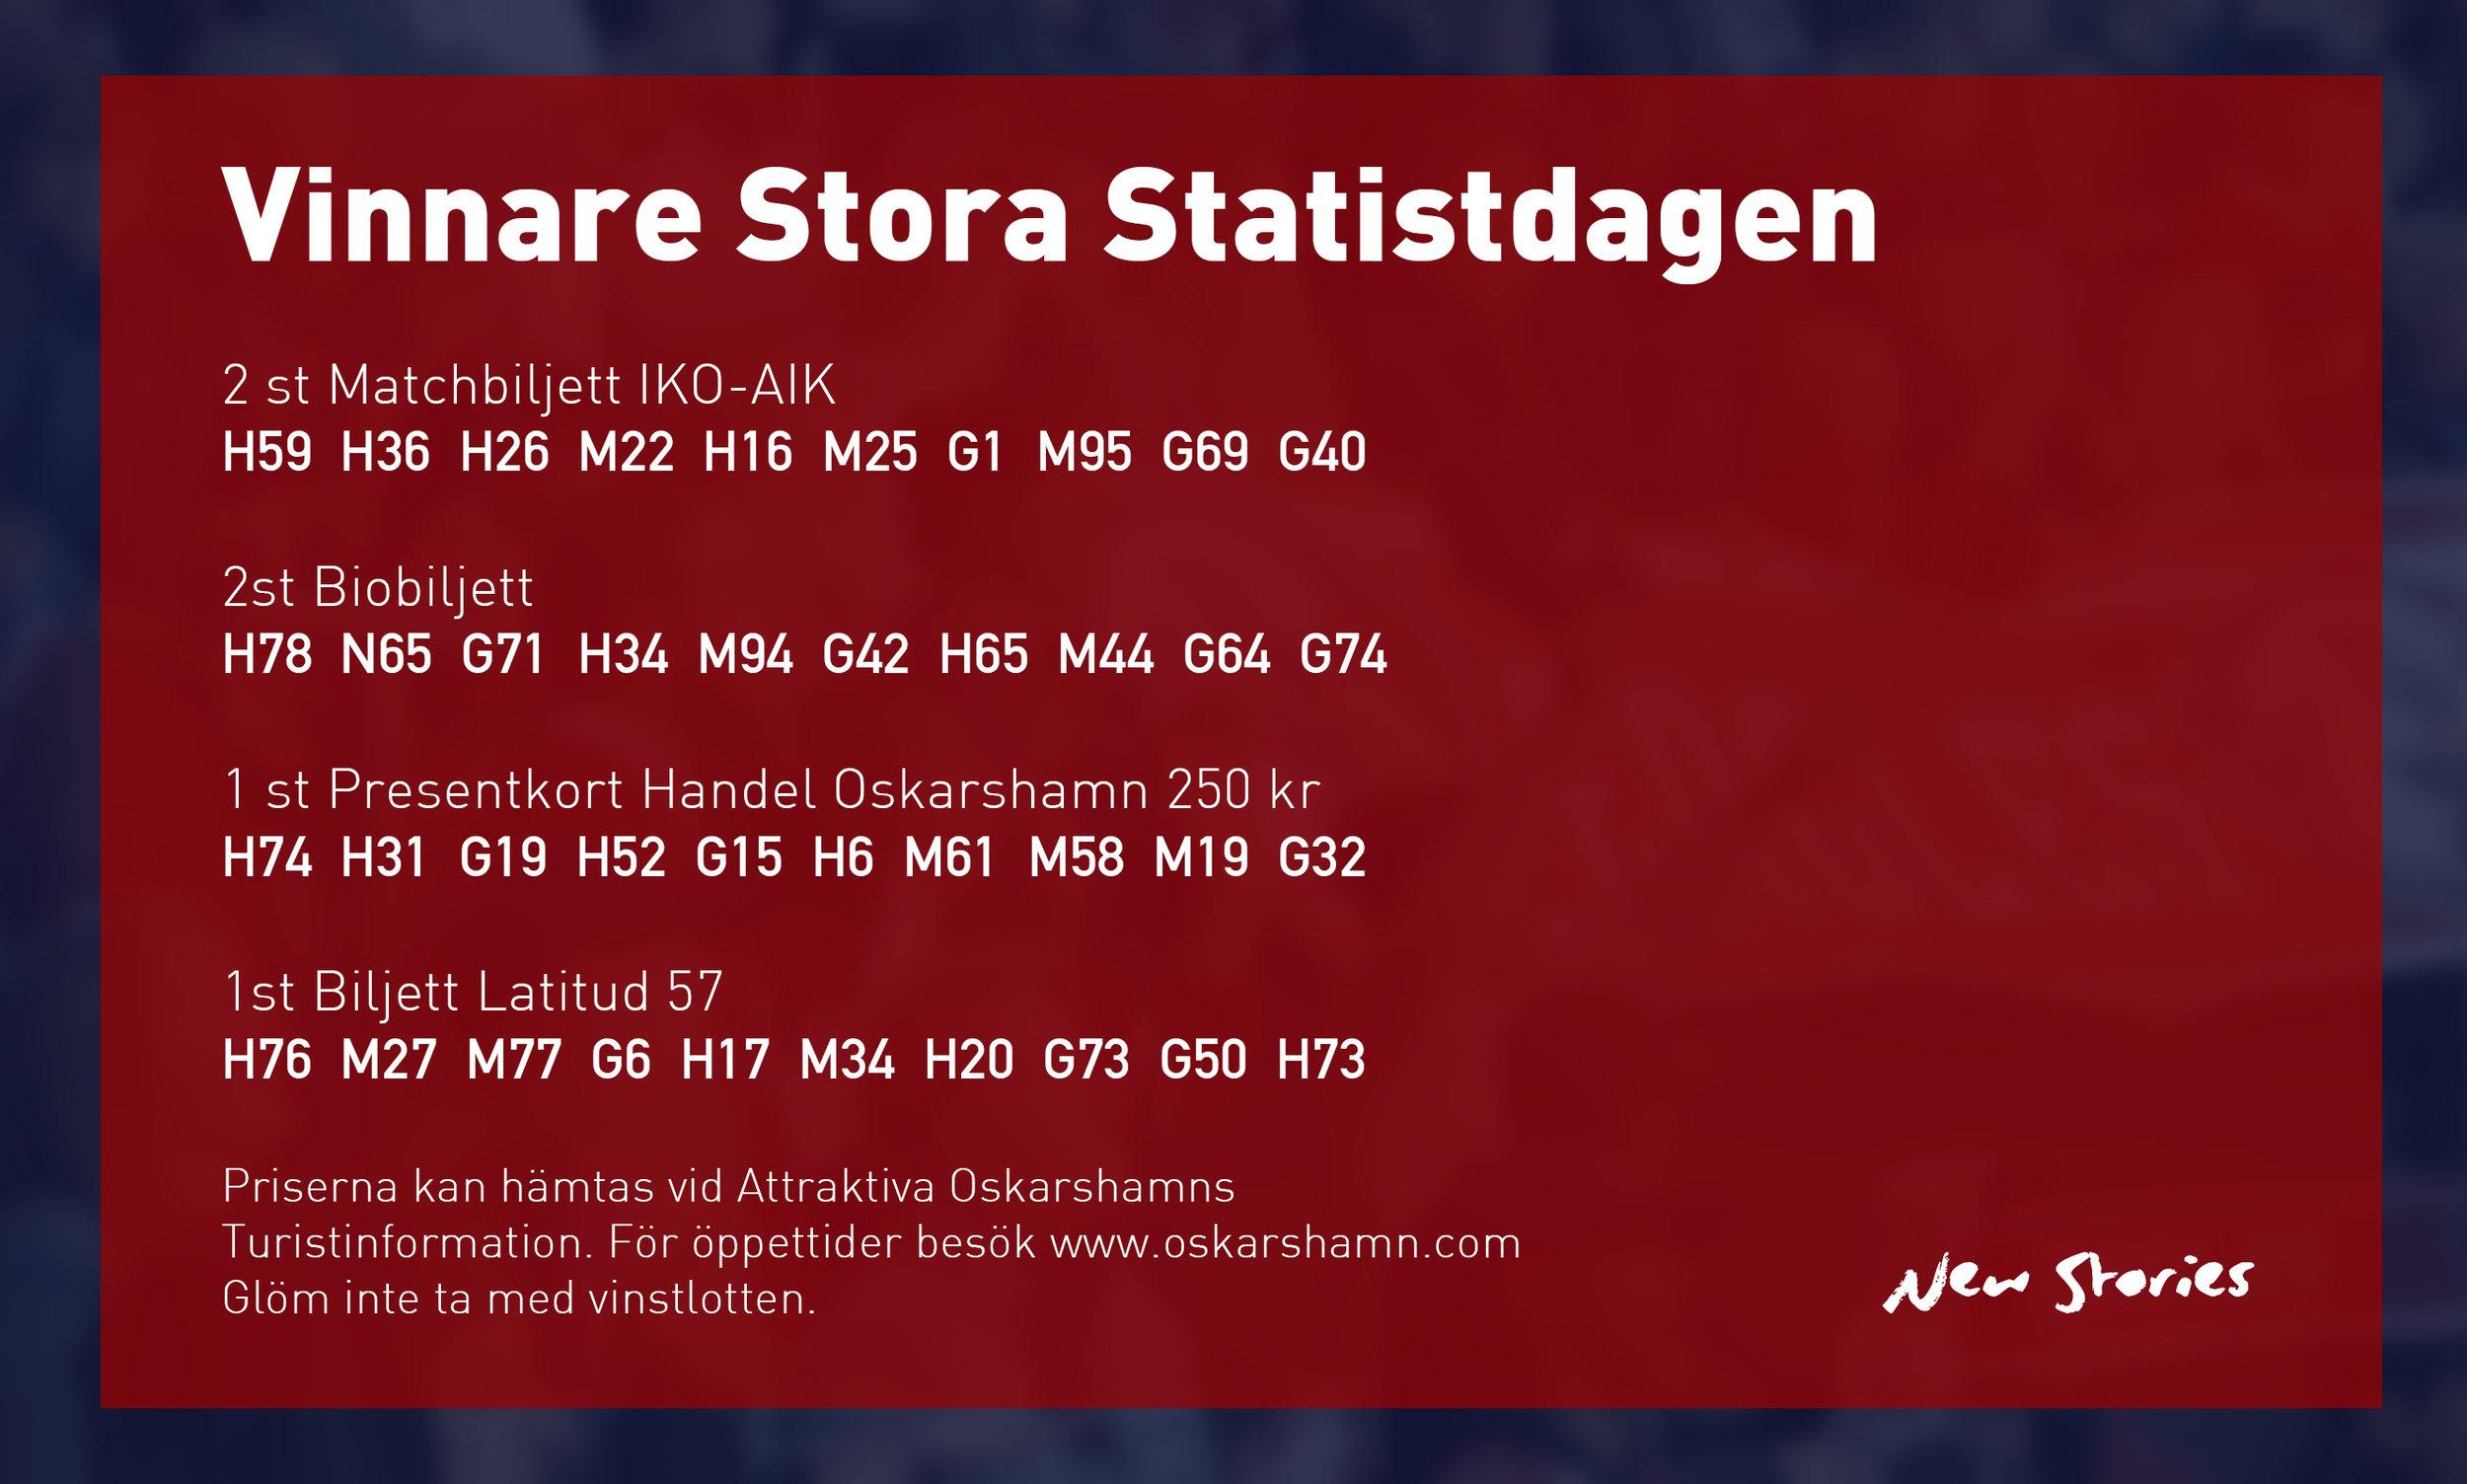 Vinnare-Stora Statistdagen.jpg